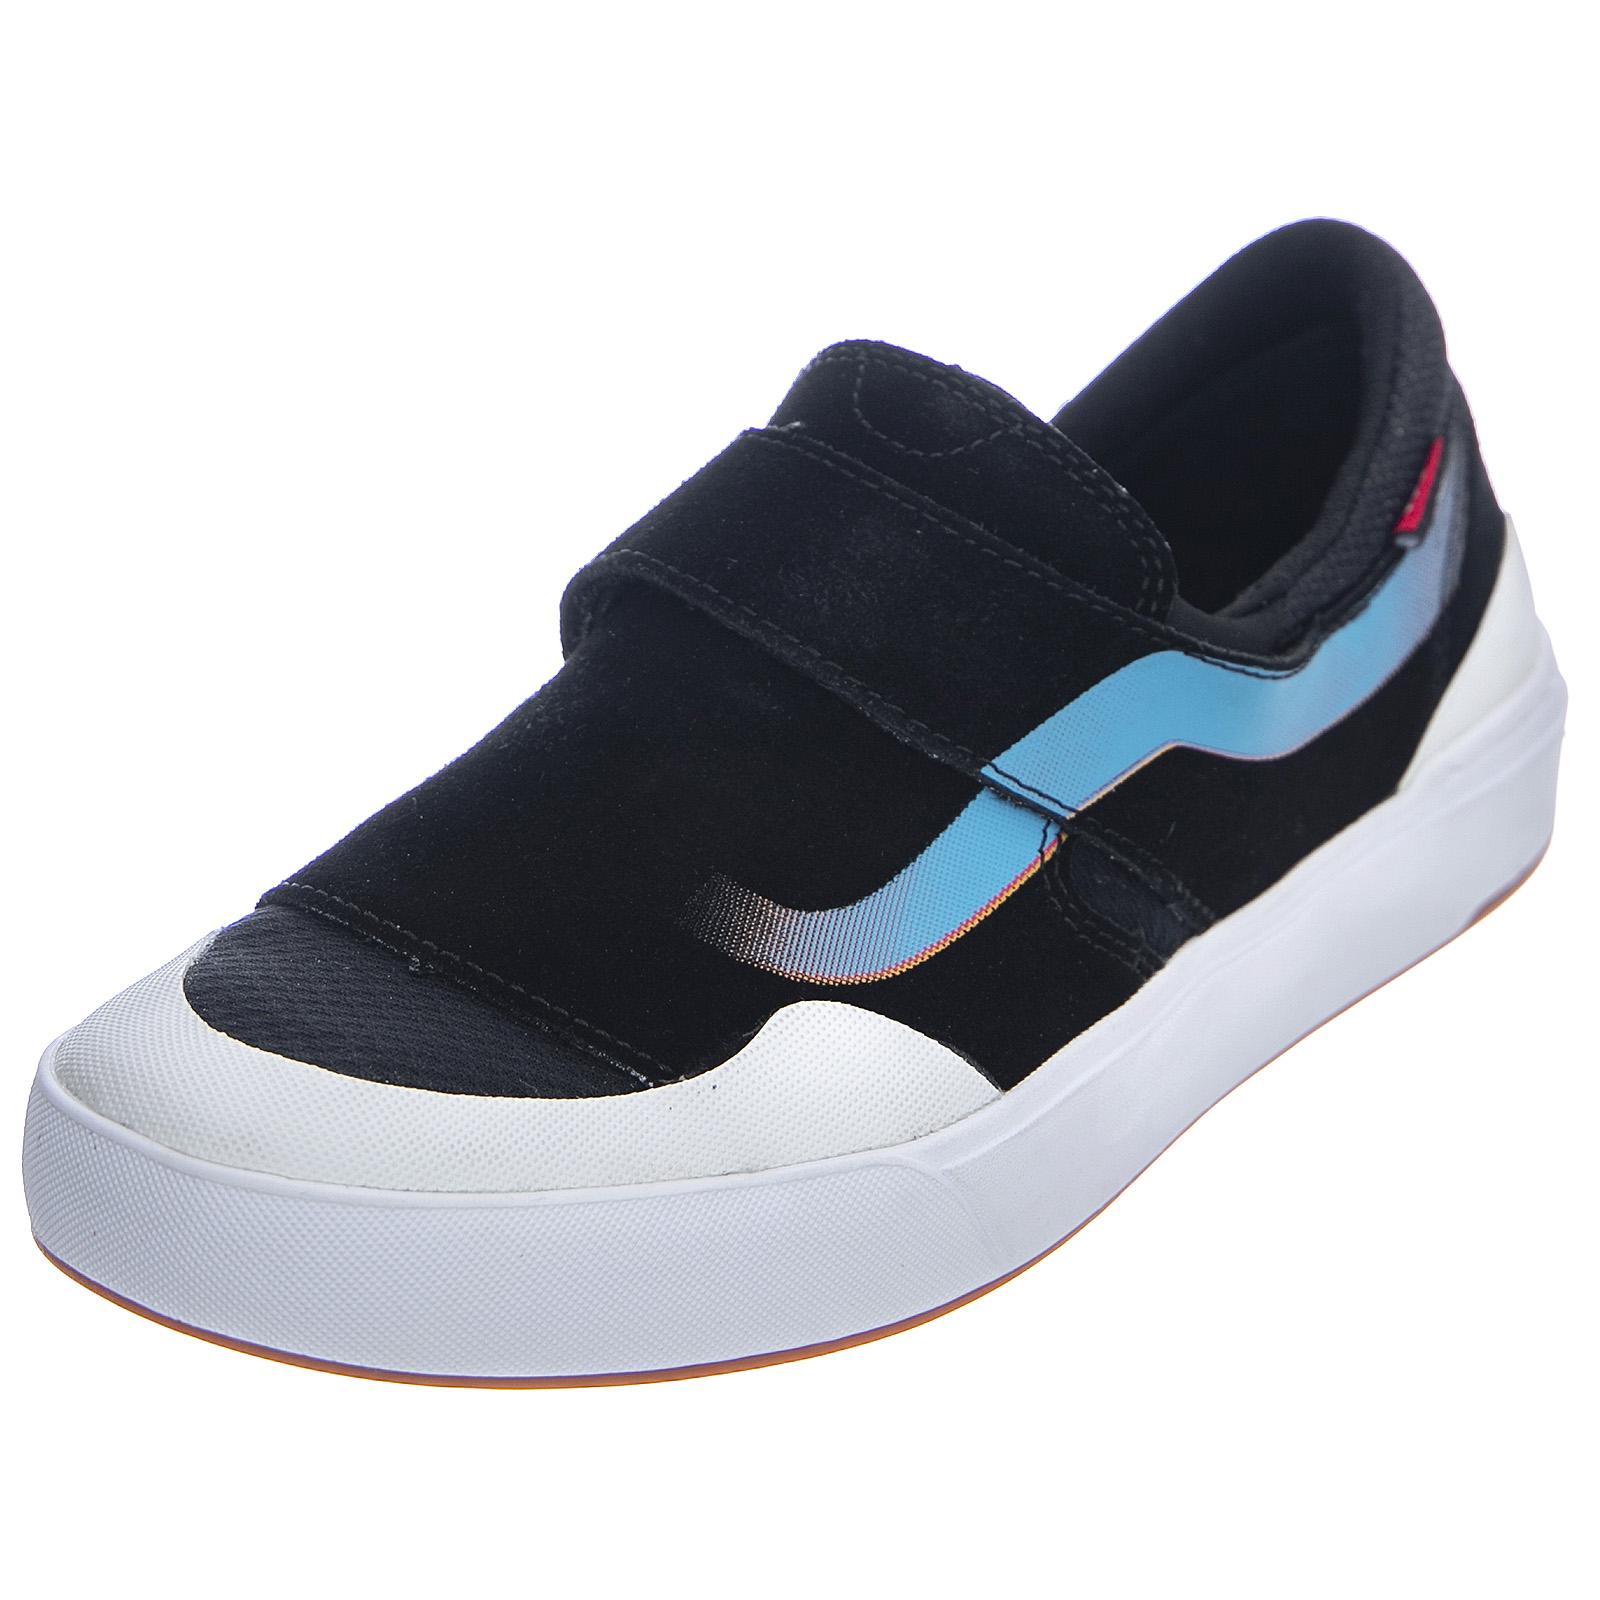 scarpe vans bianche basse uomo